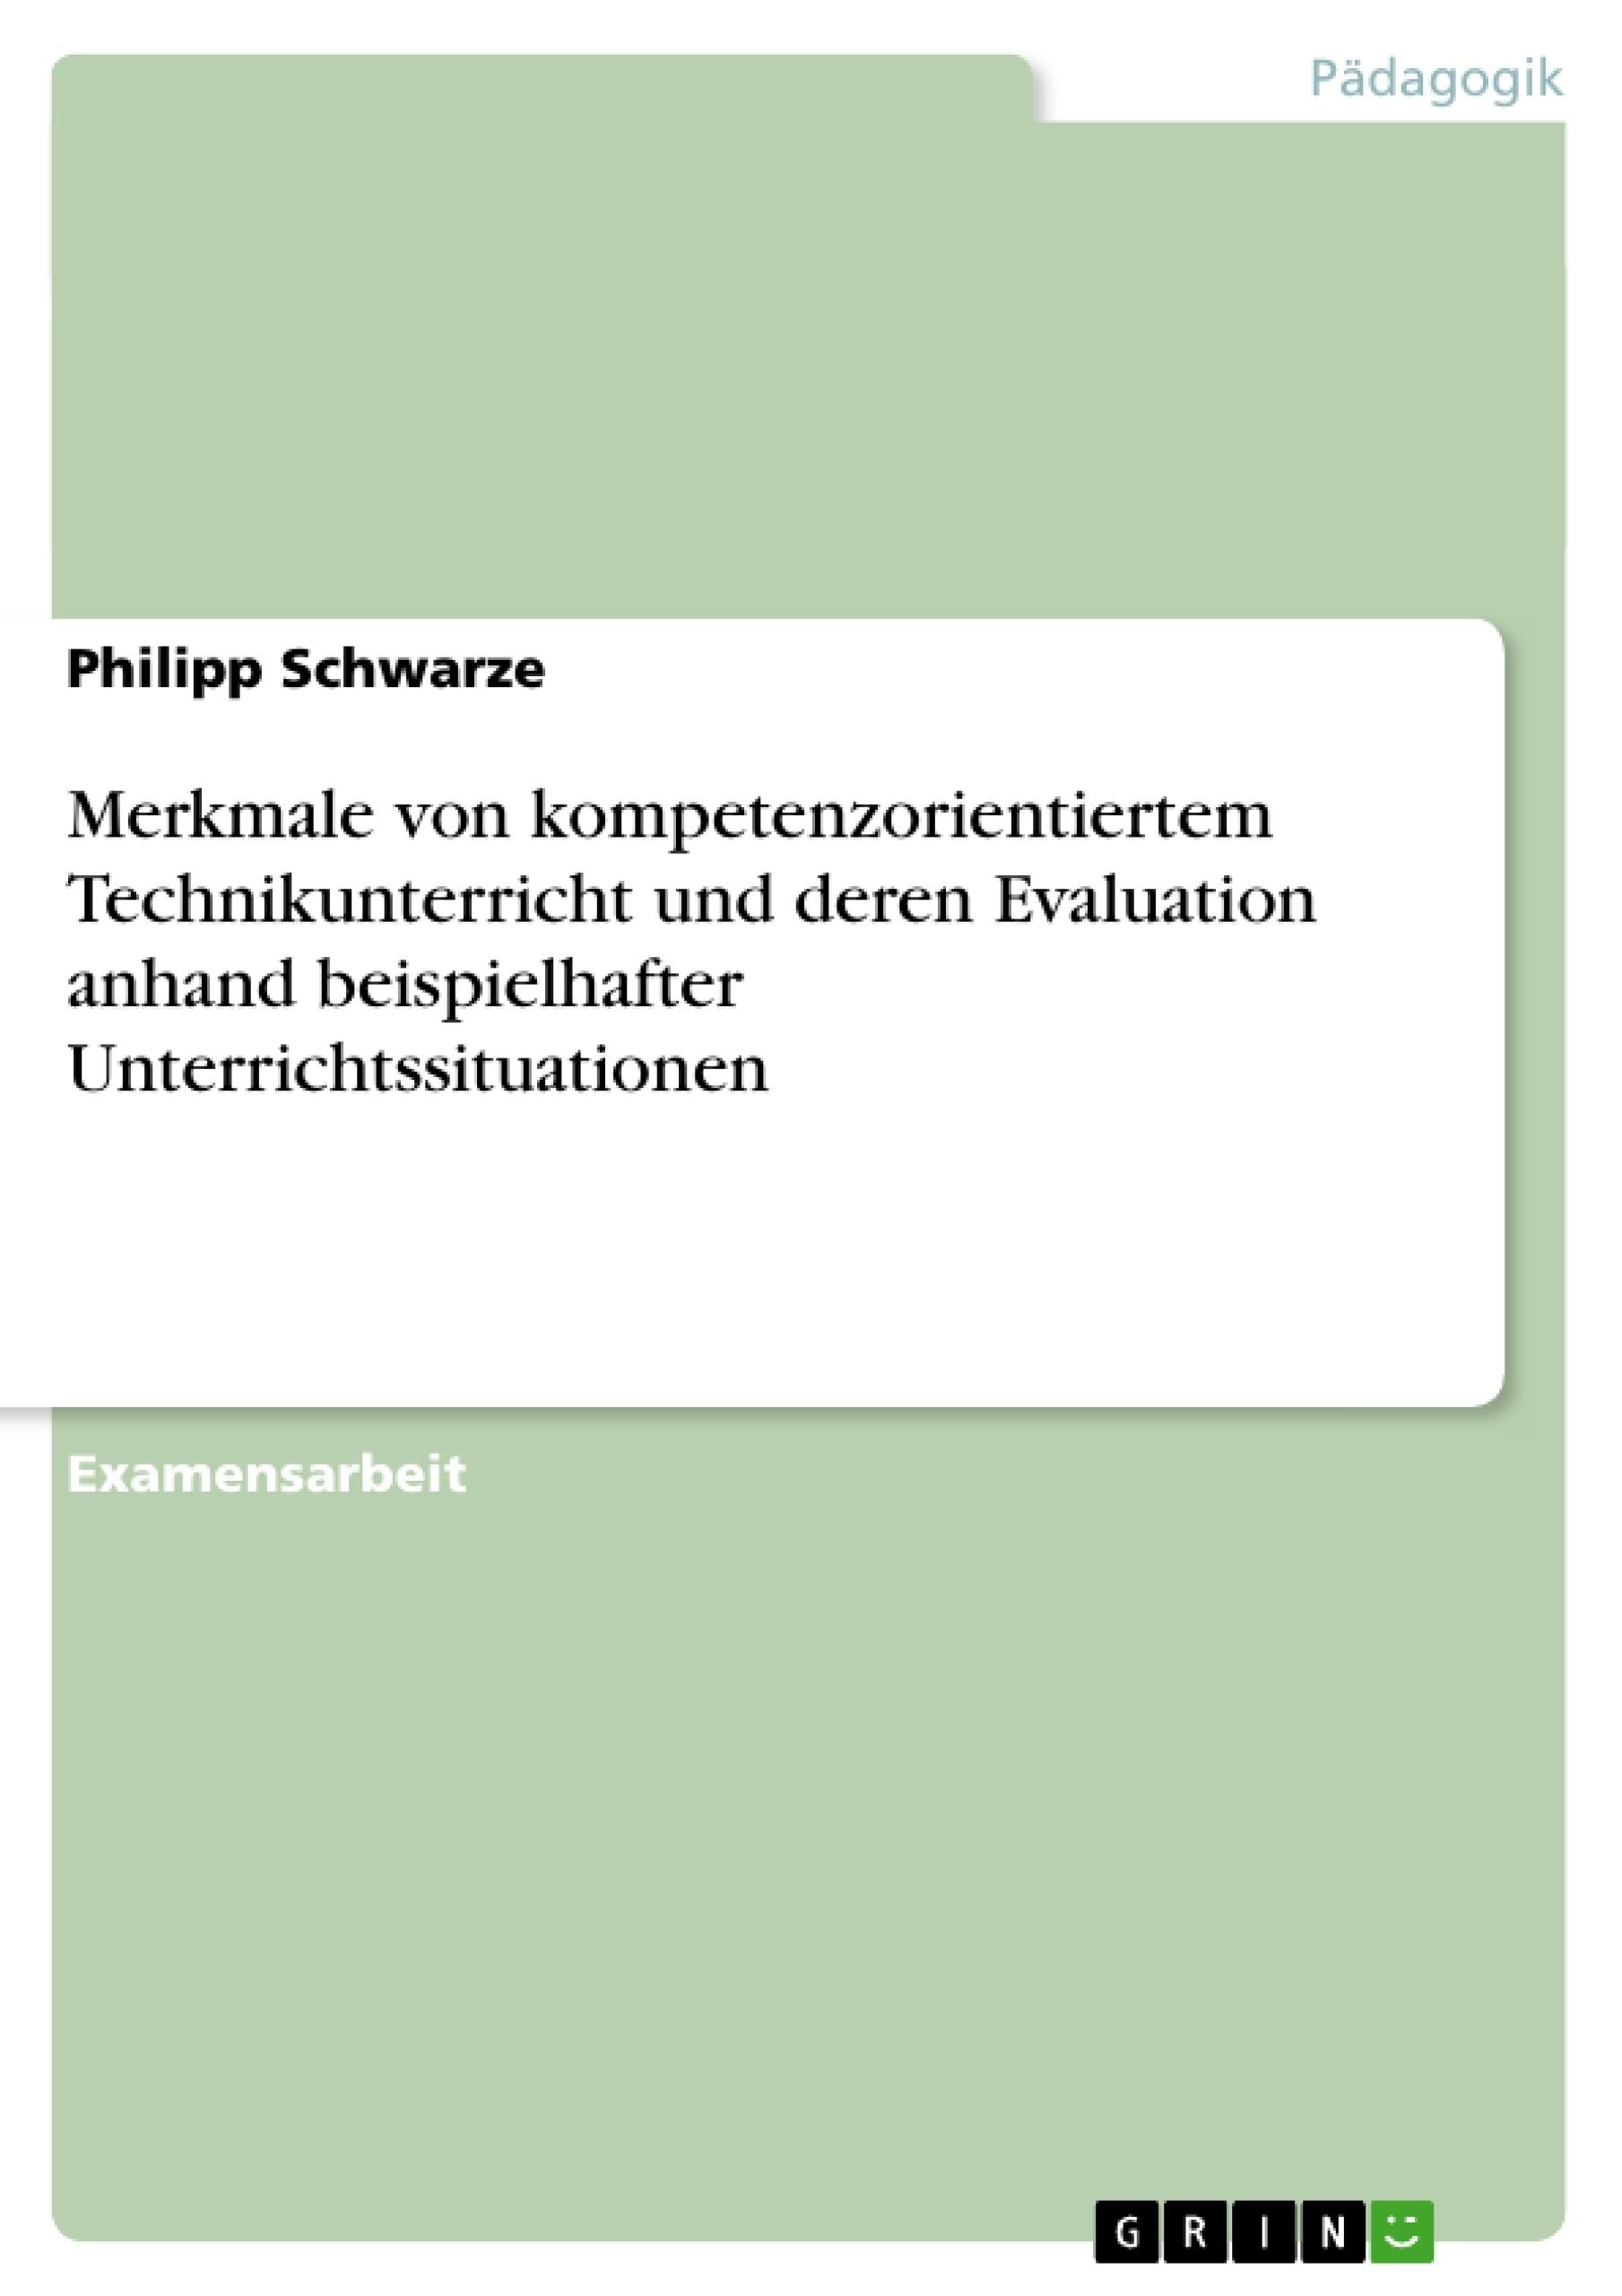 Titel: Merkmale von kompetenzorientiertem Technikunterricht und deren Evaluation anhand beispielhafter Unterrichtssituationen